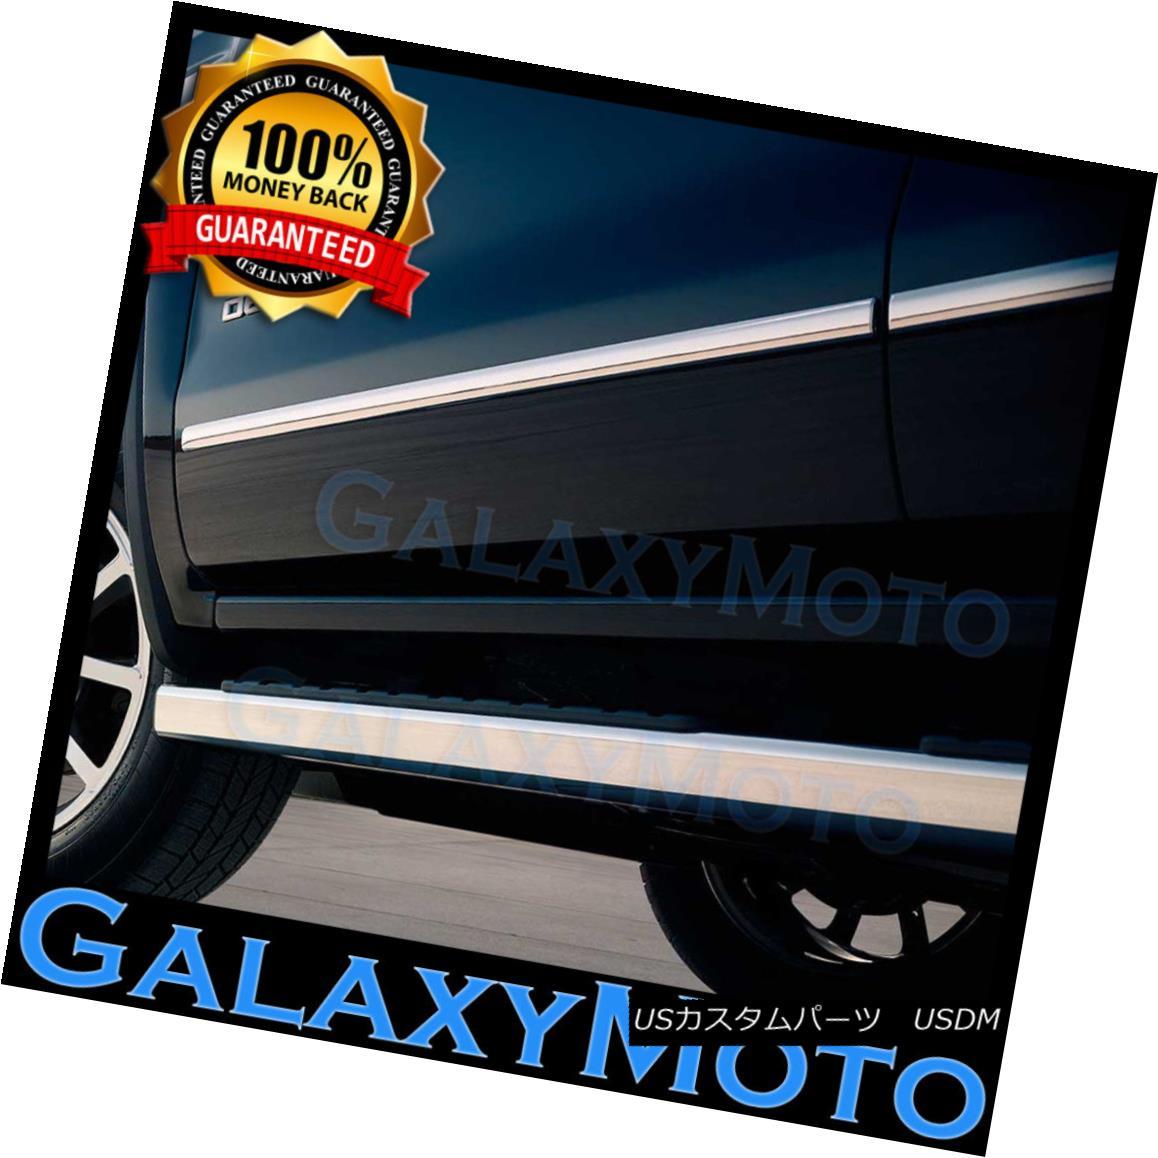 グリル 07-13 Chevy Silverado 1500 Crew Cab 4 Door Chrome Body Side Molding Front+Rear 07-13 Chevy Silverado 1500クルーキャブ4ドアクロームボディサイドモールディングフロント+リア